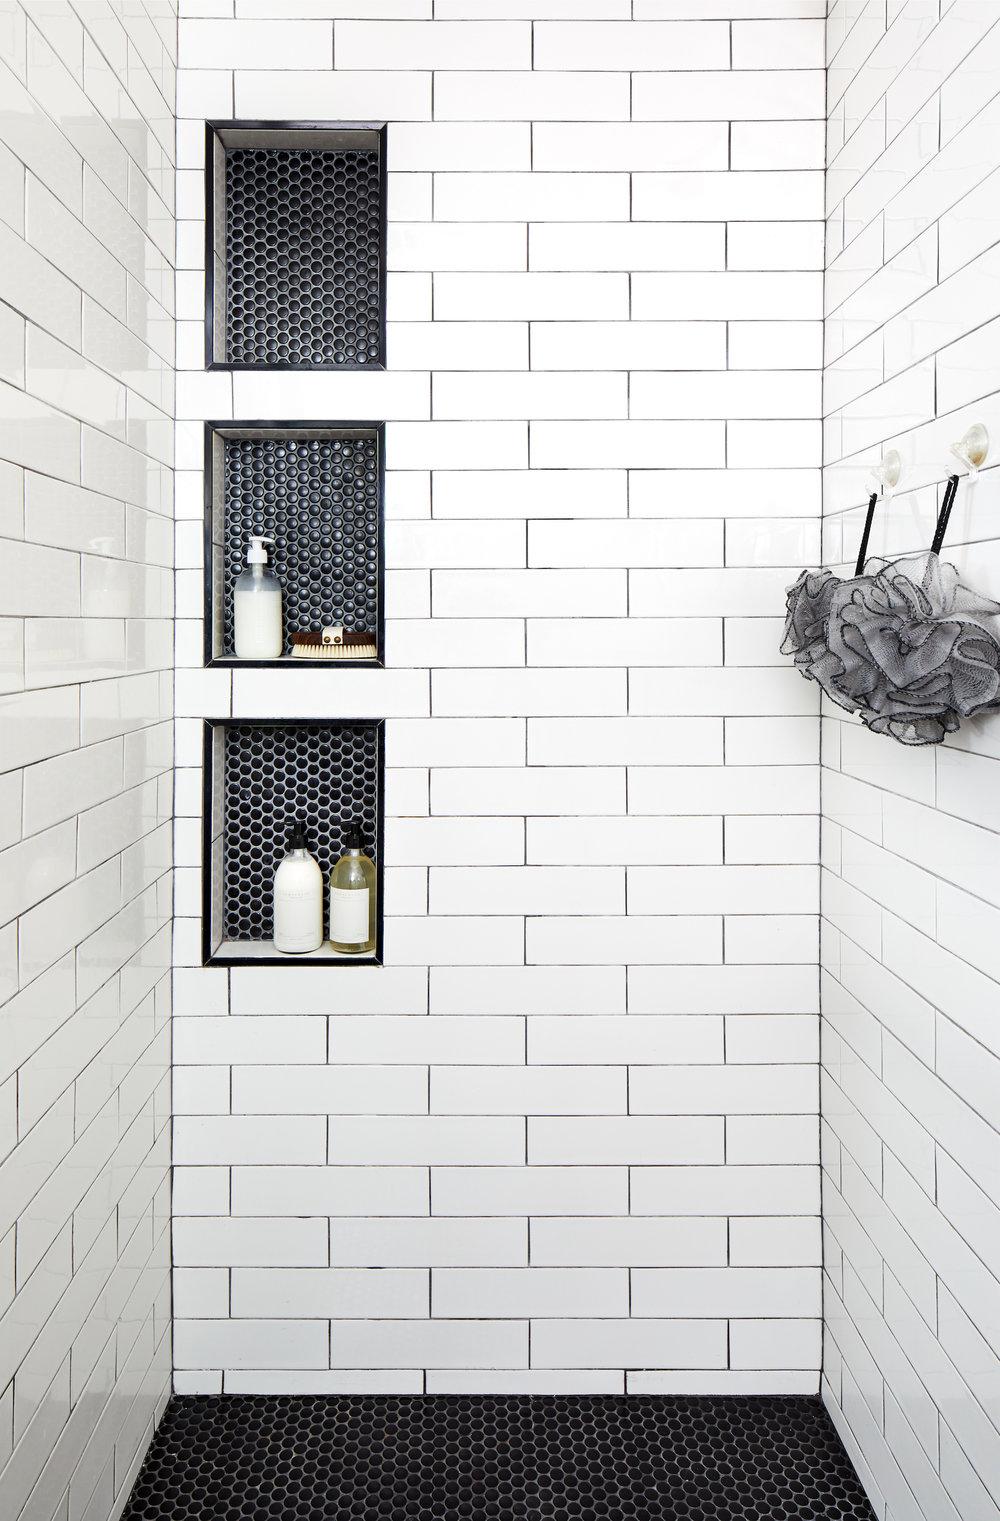 Downtown Dc Loft Bathrooms Remodel Bathroom Interior Design Bathroom Tile Designs